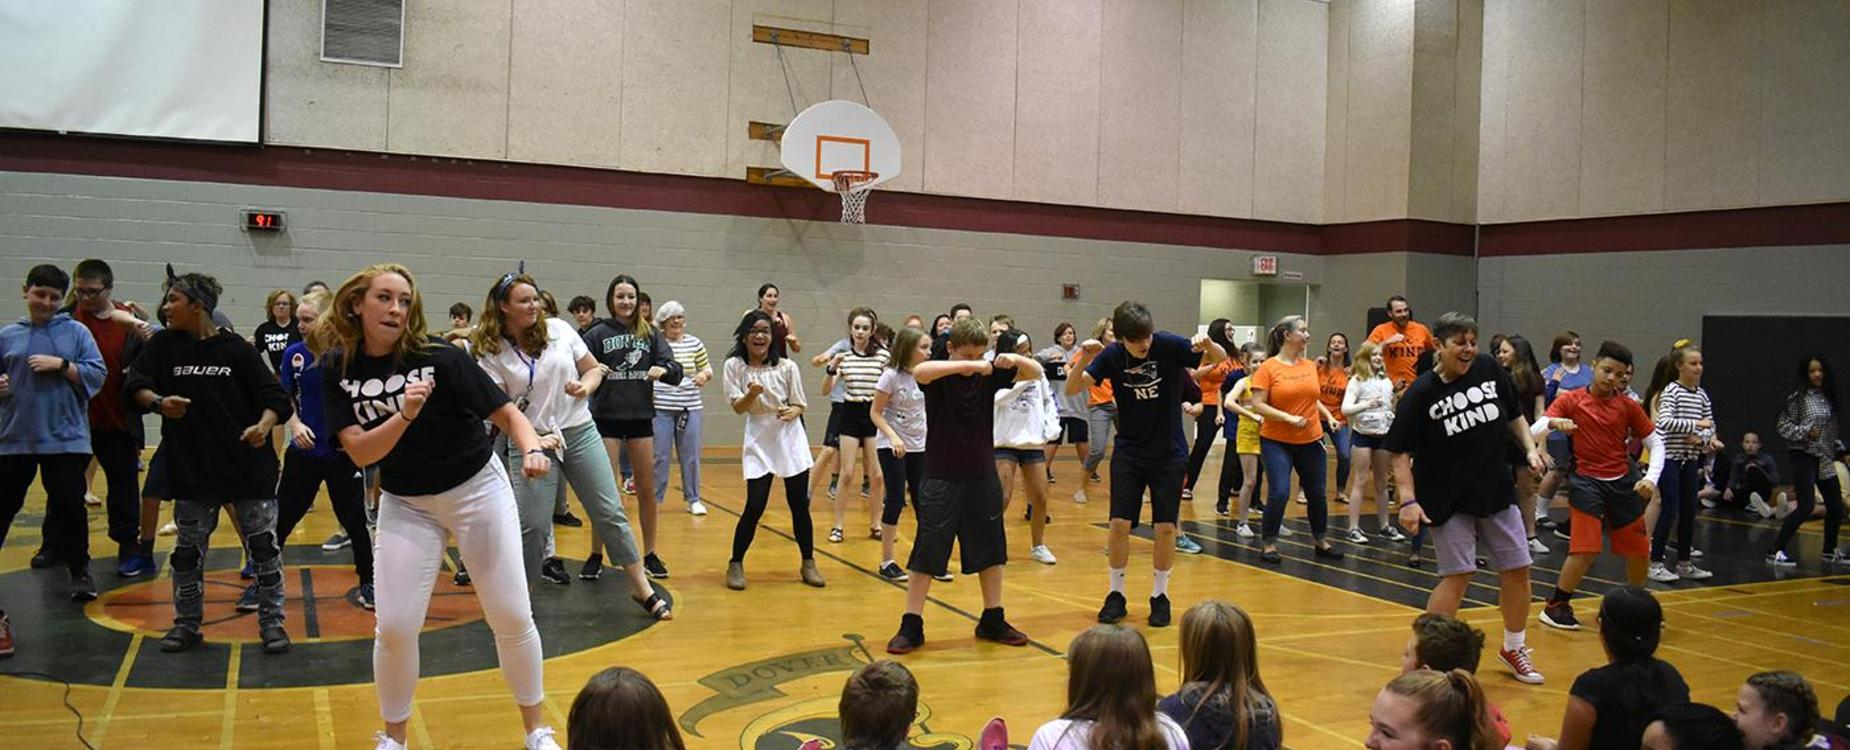 DMS Dancing